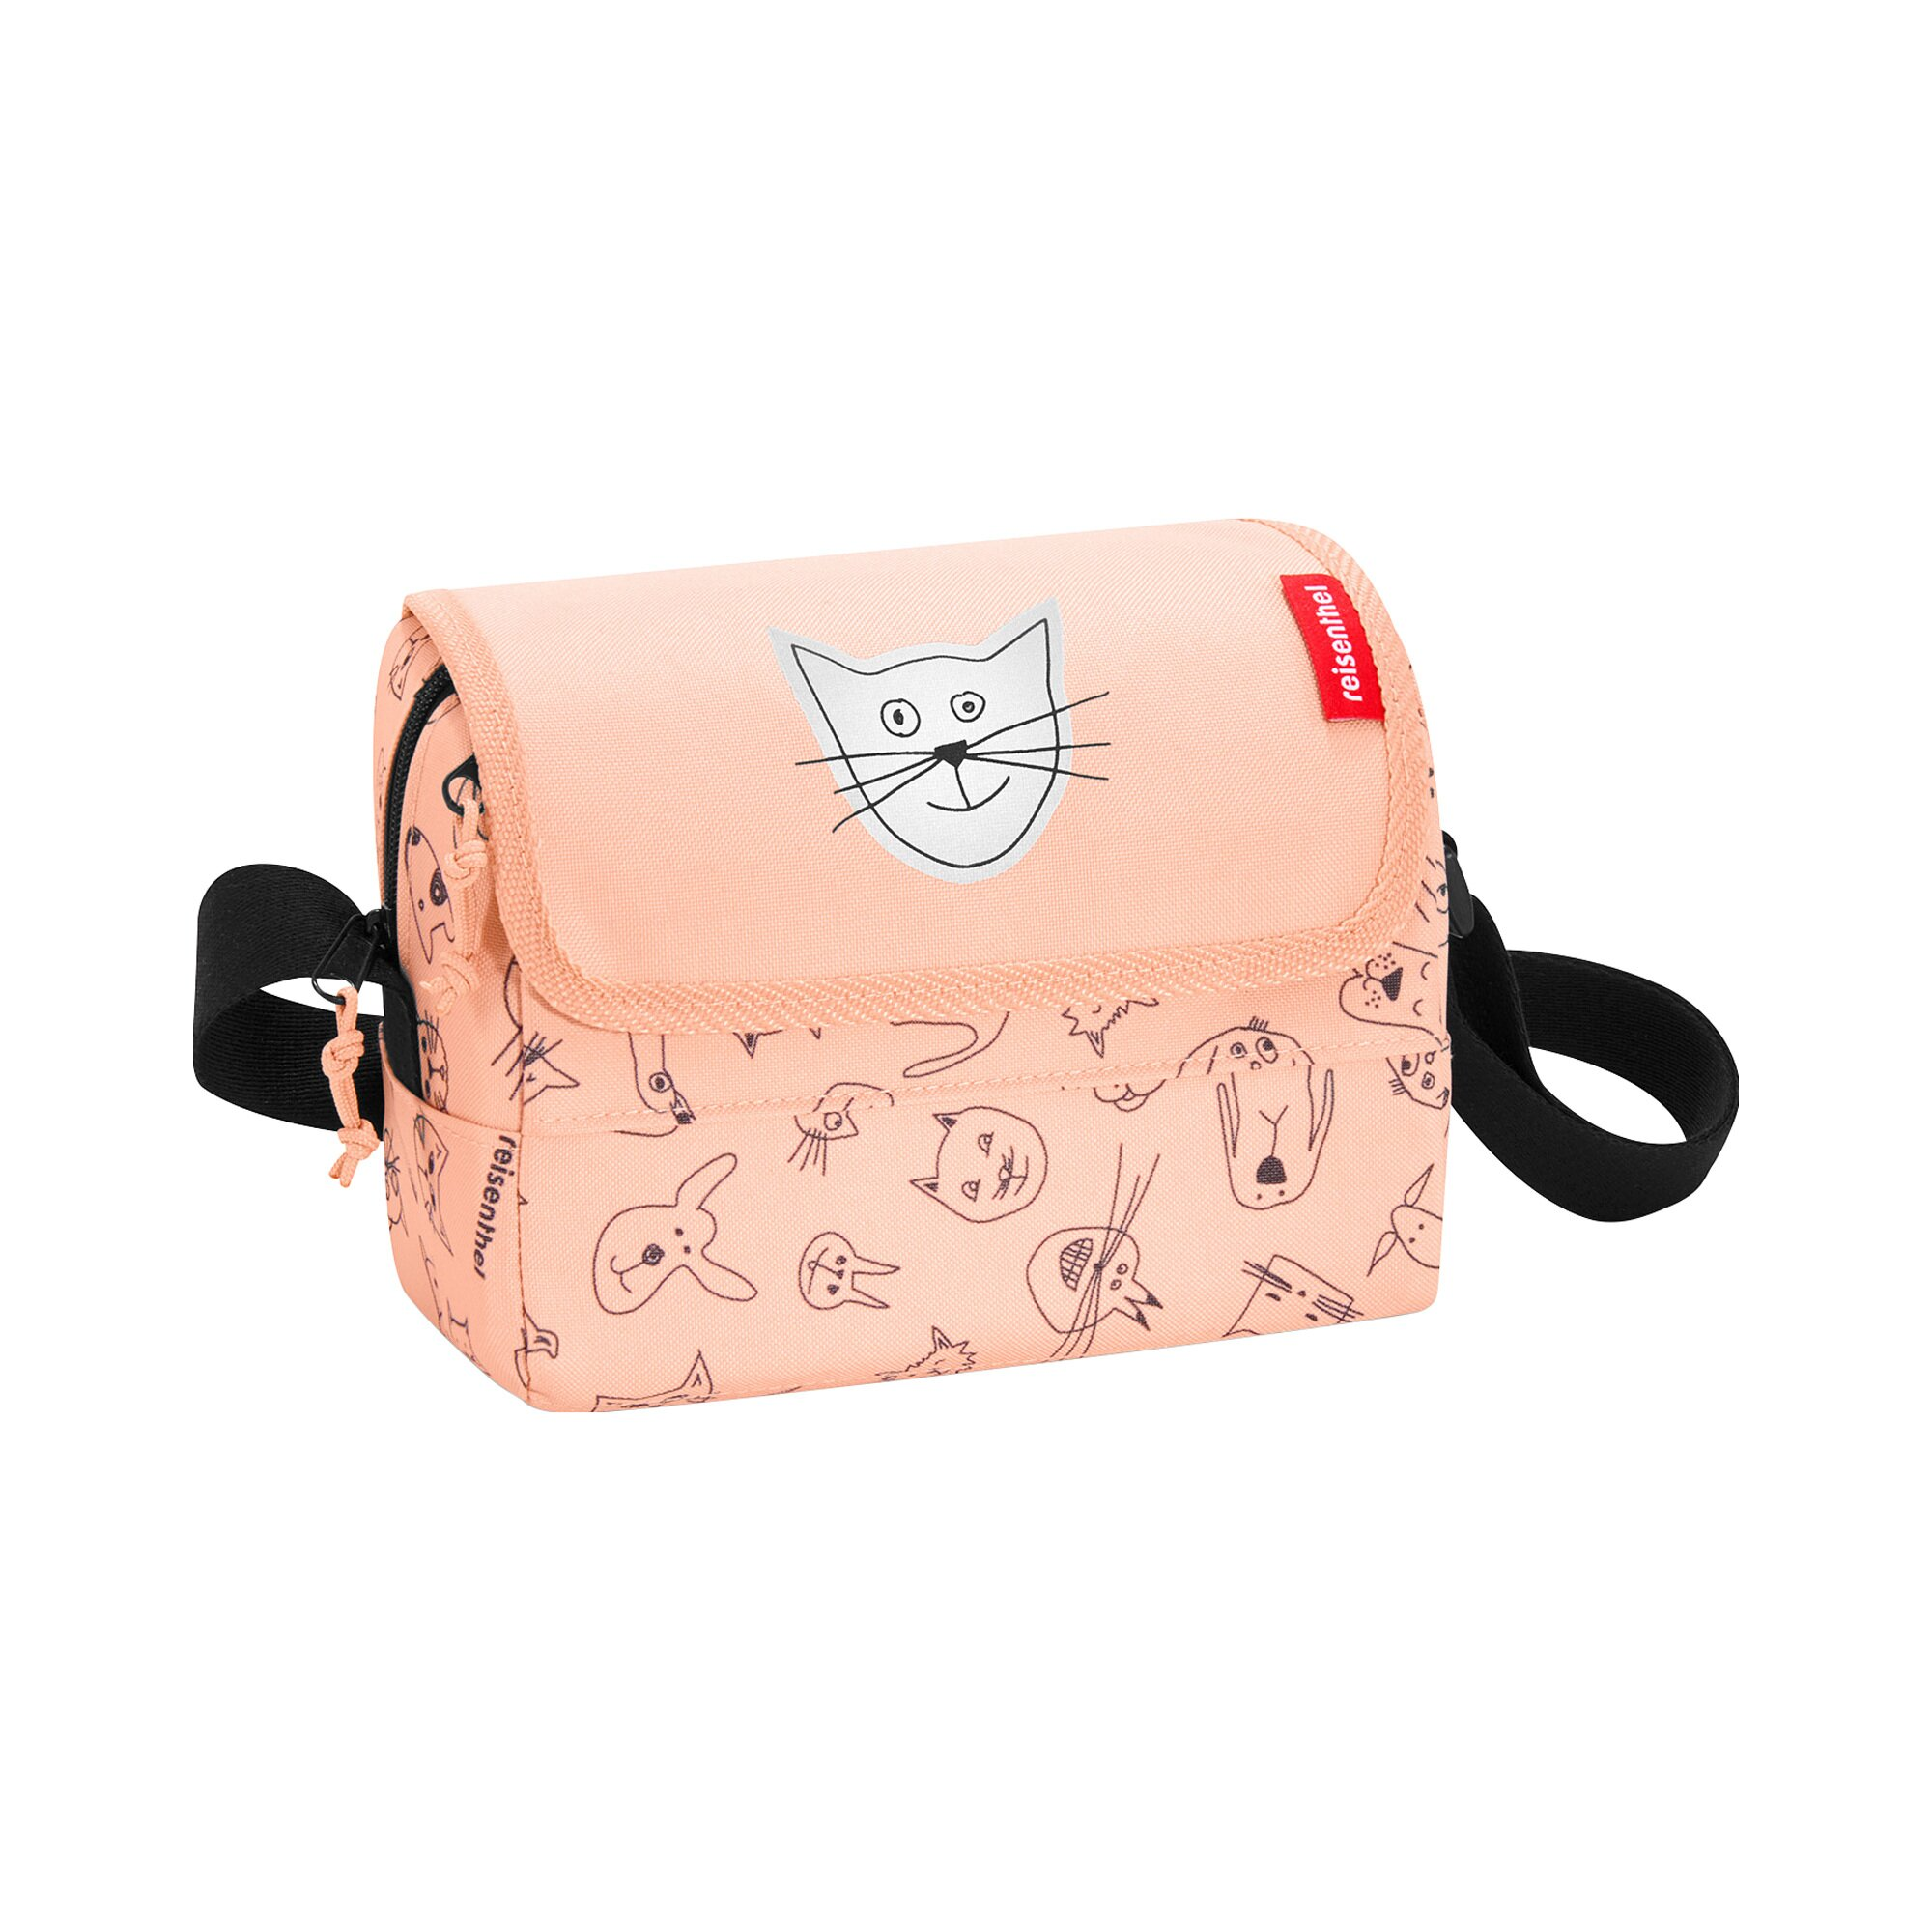 Reisenthel Kinder-Umhängetasche everydaybag kids